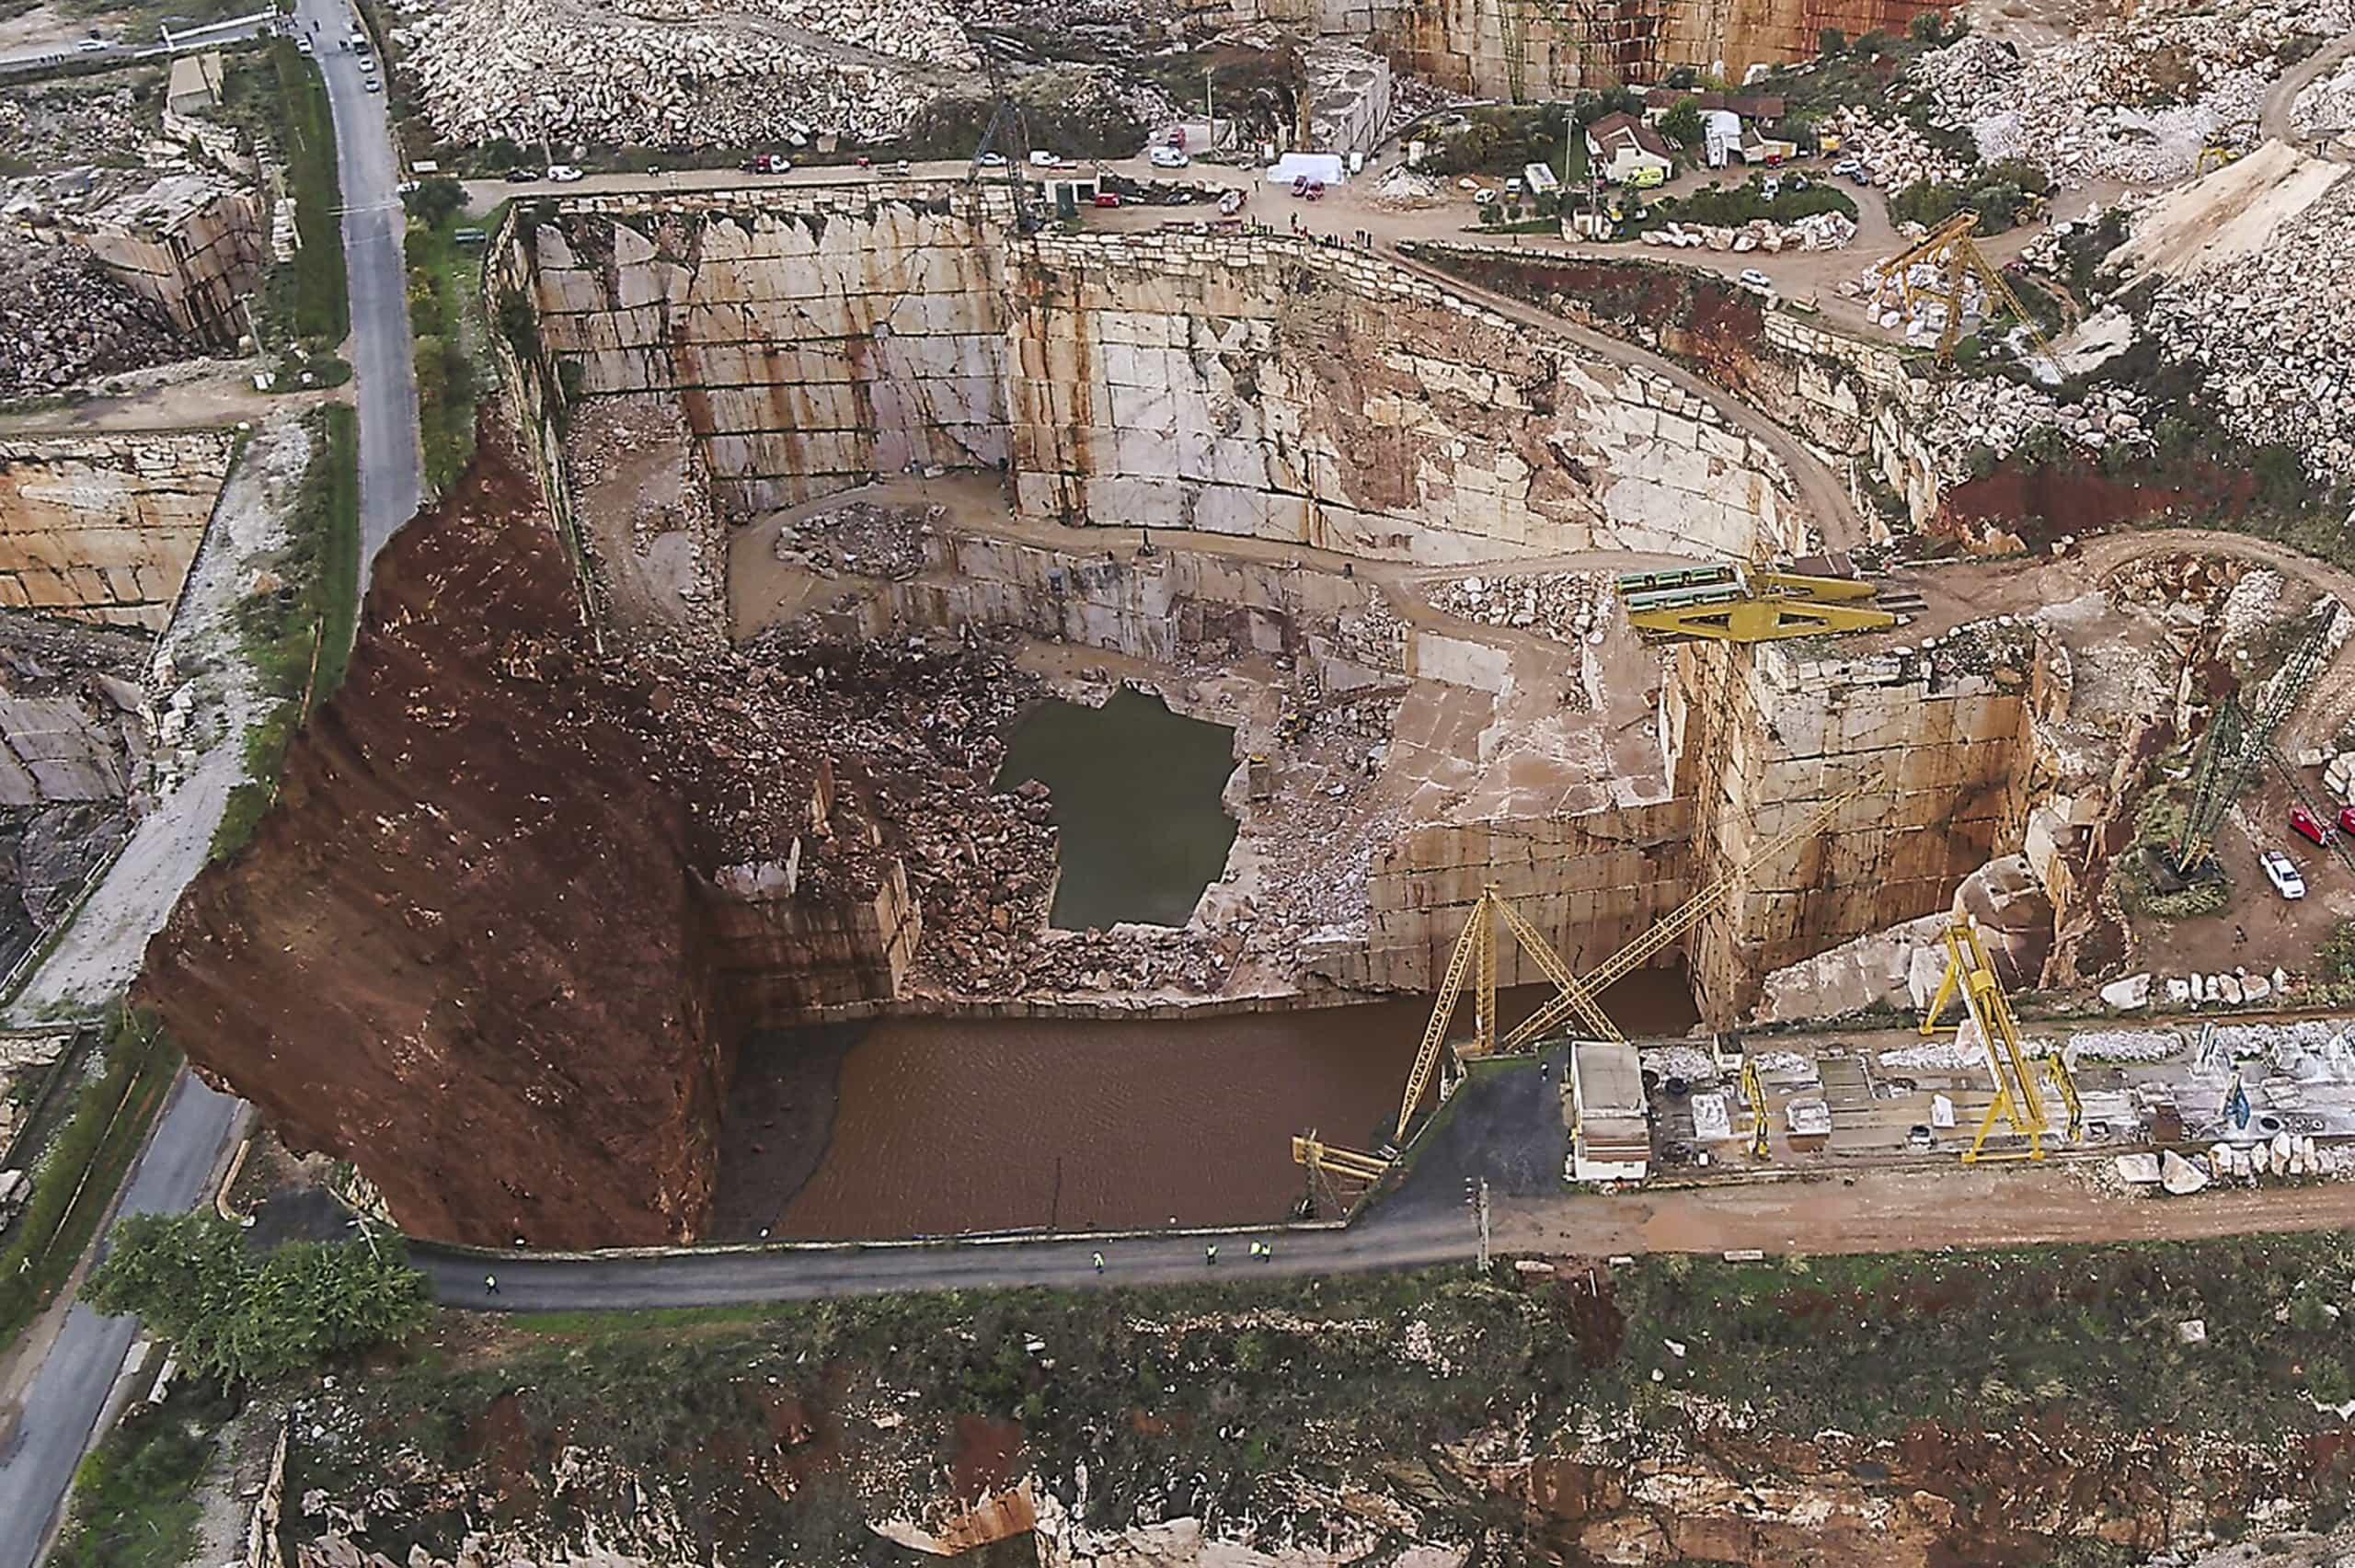 ACT vai averiguar condições de segurança dos trabalhadores da pedreira